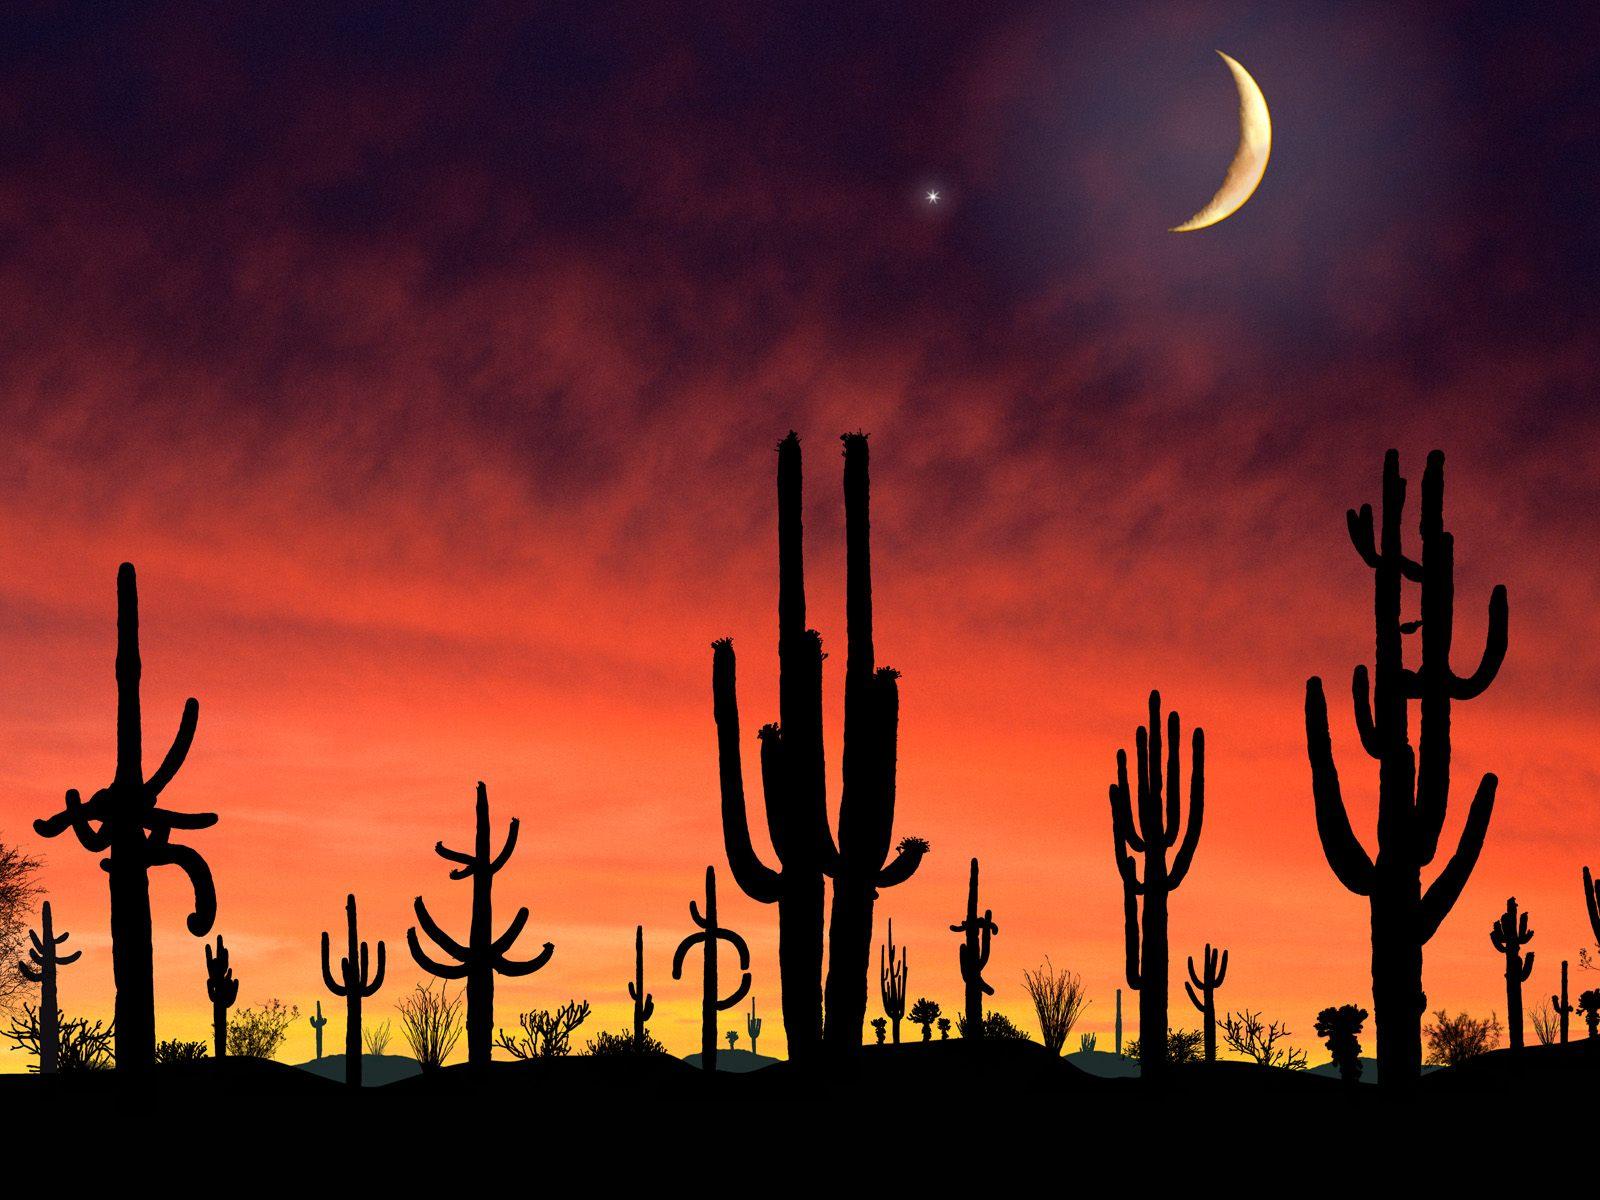 National Park Arizona   Computer Art Photography Desktop Wallpapers 1600x1200